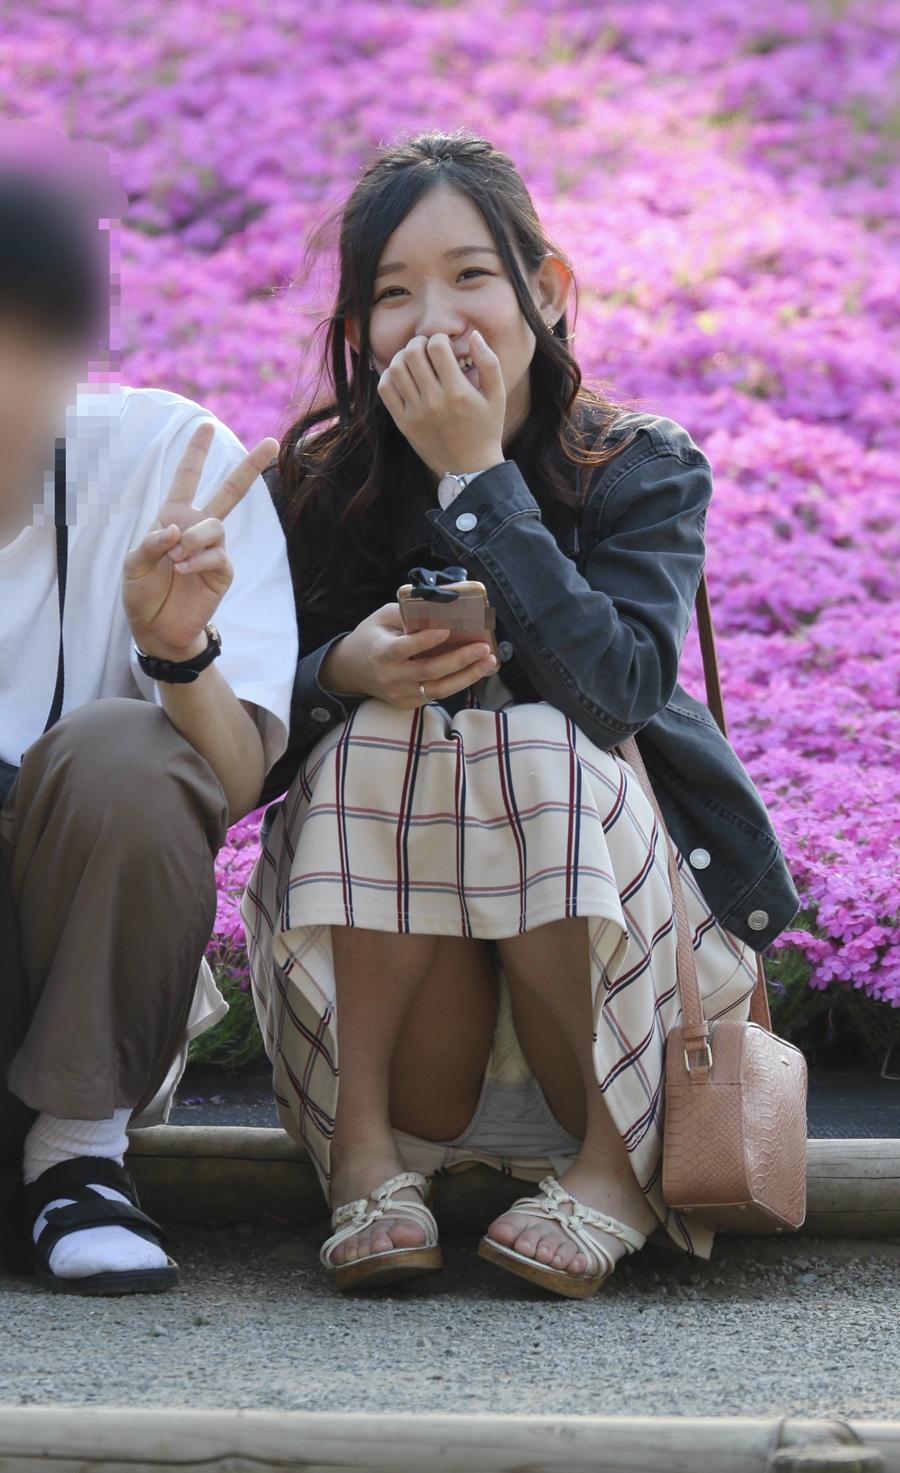 座りパンチラしてる笑顔が可愛い素人女性!